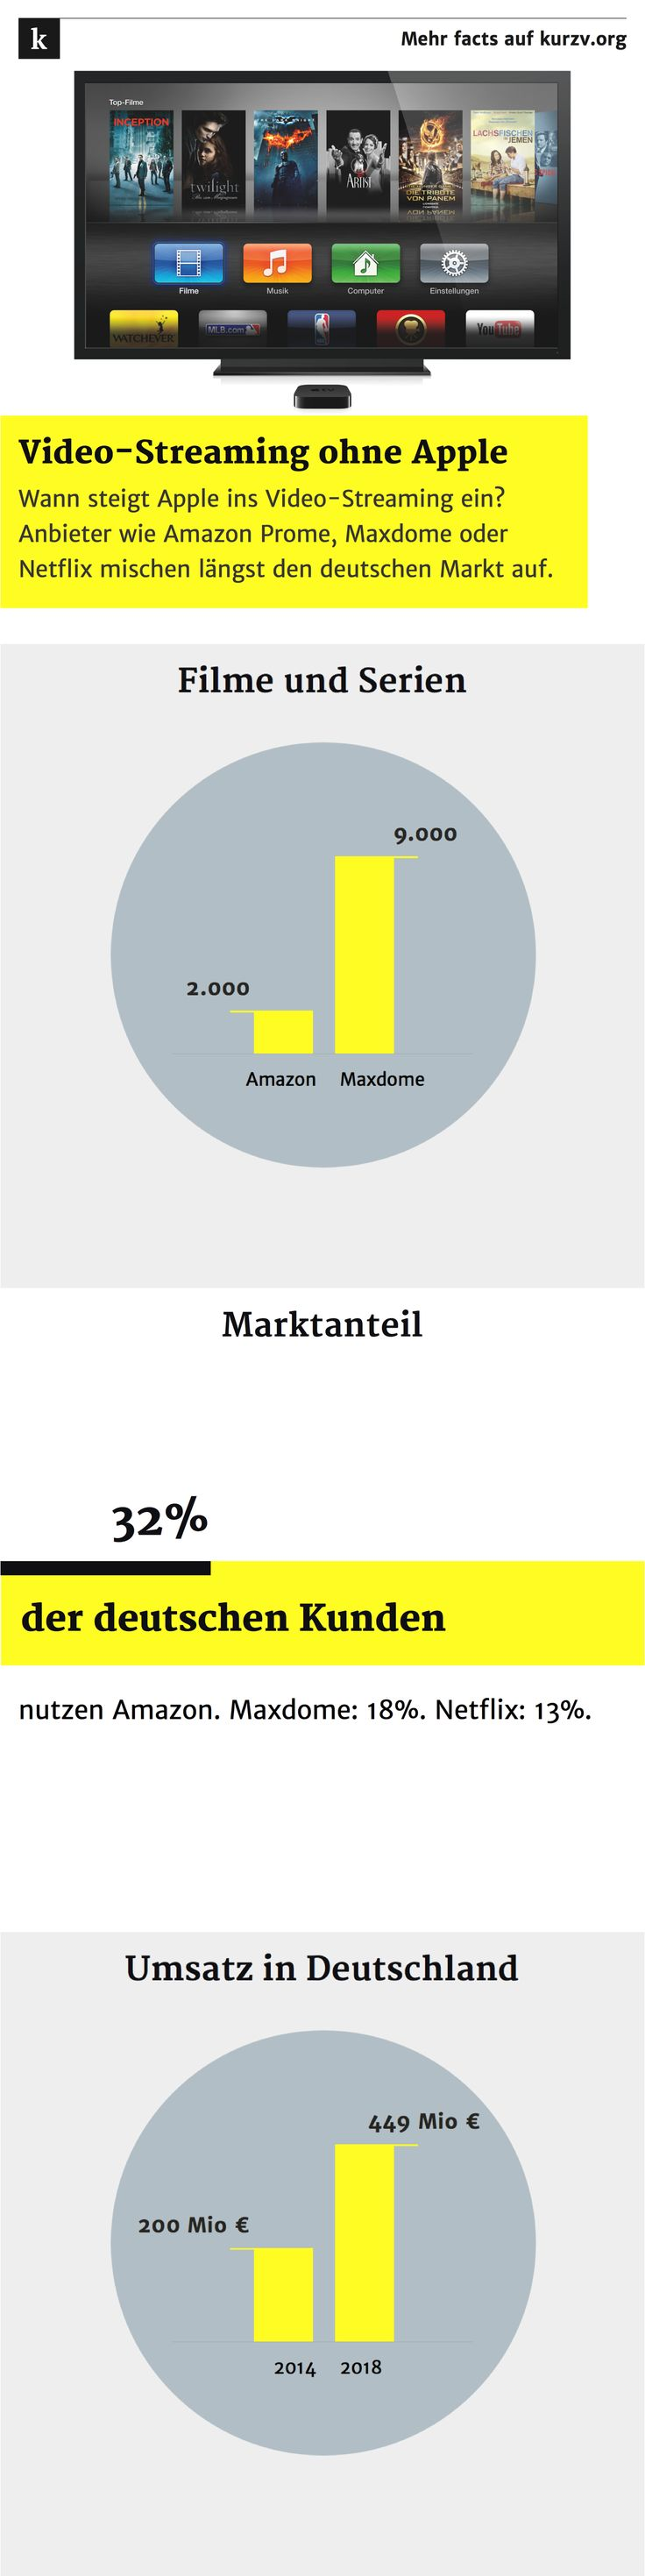 Video-Streaming: Apple lässt die Gerüchteküche brodeln. Die Frage ist weniger ob, sondern wann steigt das Unternehmen aus Cupertino in das boomende TV-Geschäft mit eigenen Inhalten ein? Anbieter wie Amazon Prime, Maxdome oder Netflix mischen den deutschen Markt auf und attackieren das lineare Fernsehen. http://www.smartdroid.de/streaming-in-deutschland-amazon-weiterhin-stark-netflix-waechst/